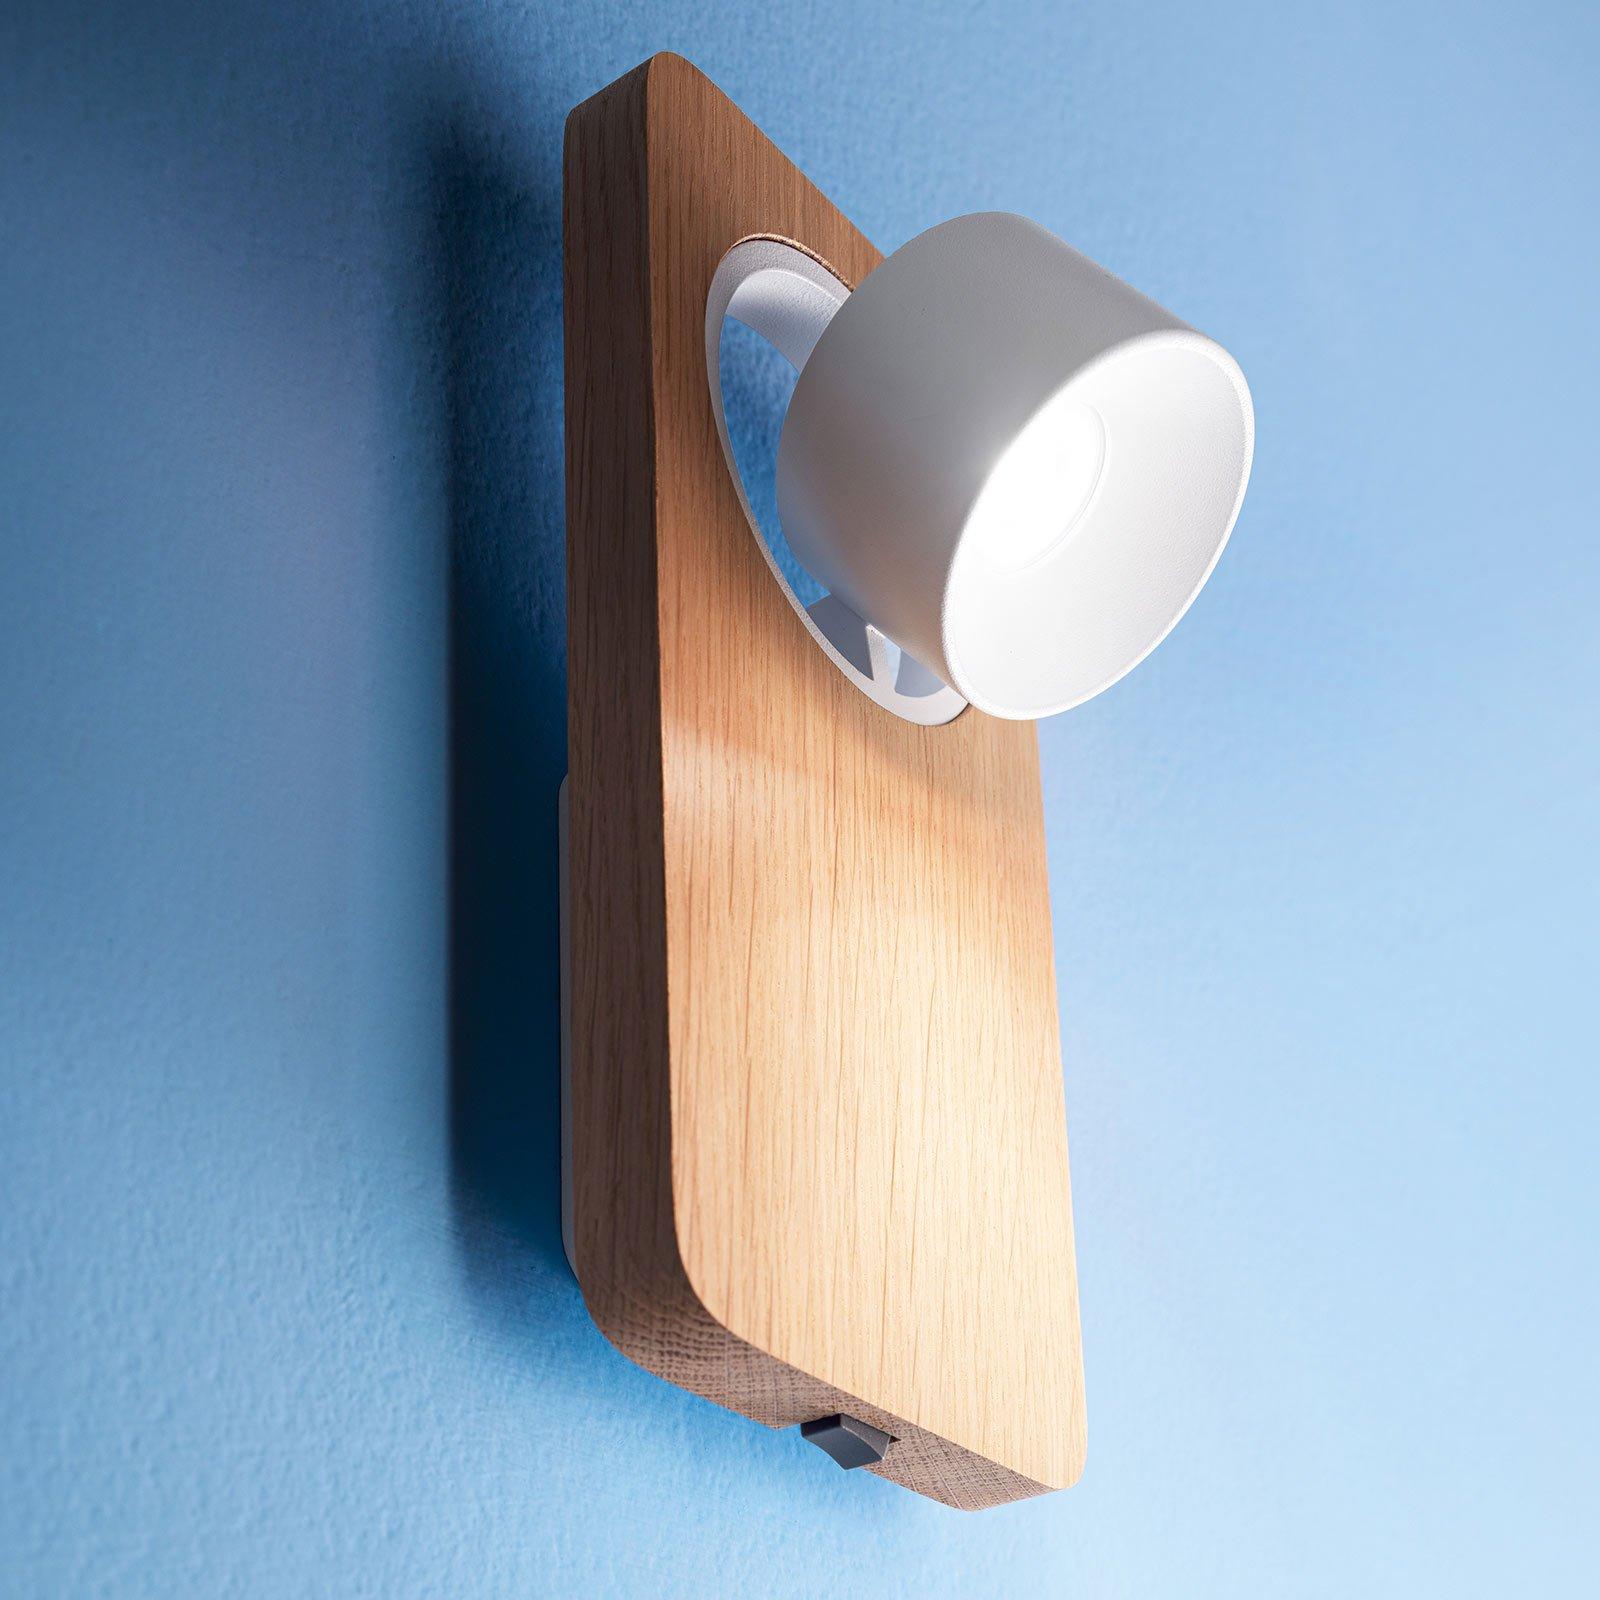 Beebo W LED-vegglampe, eik